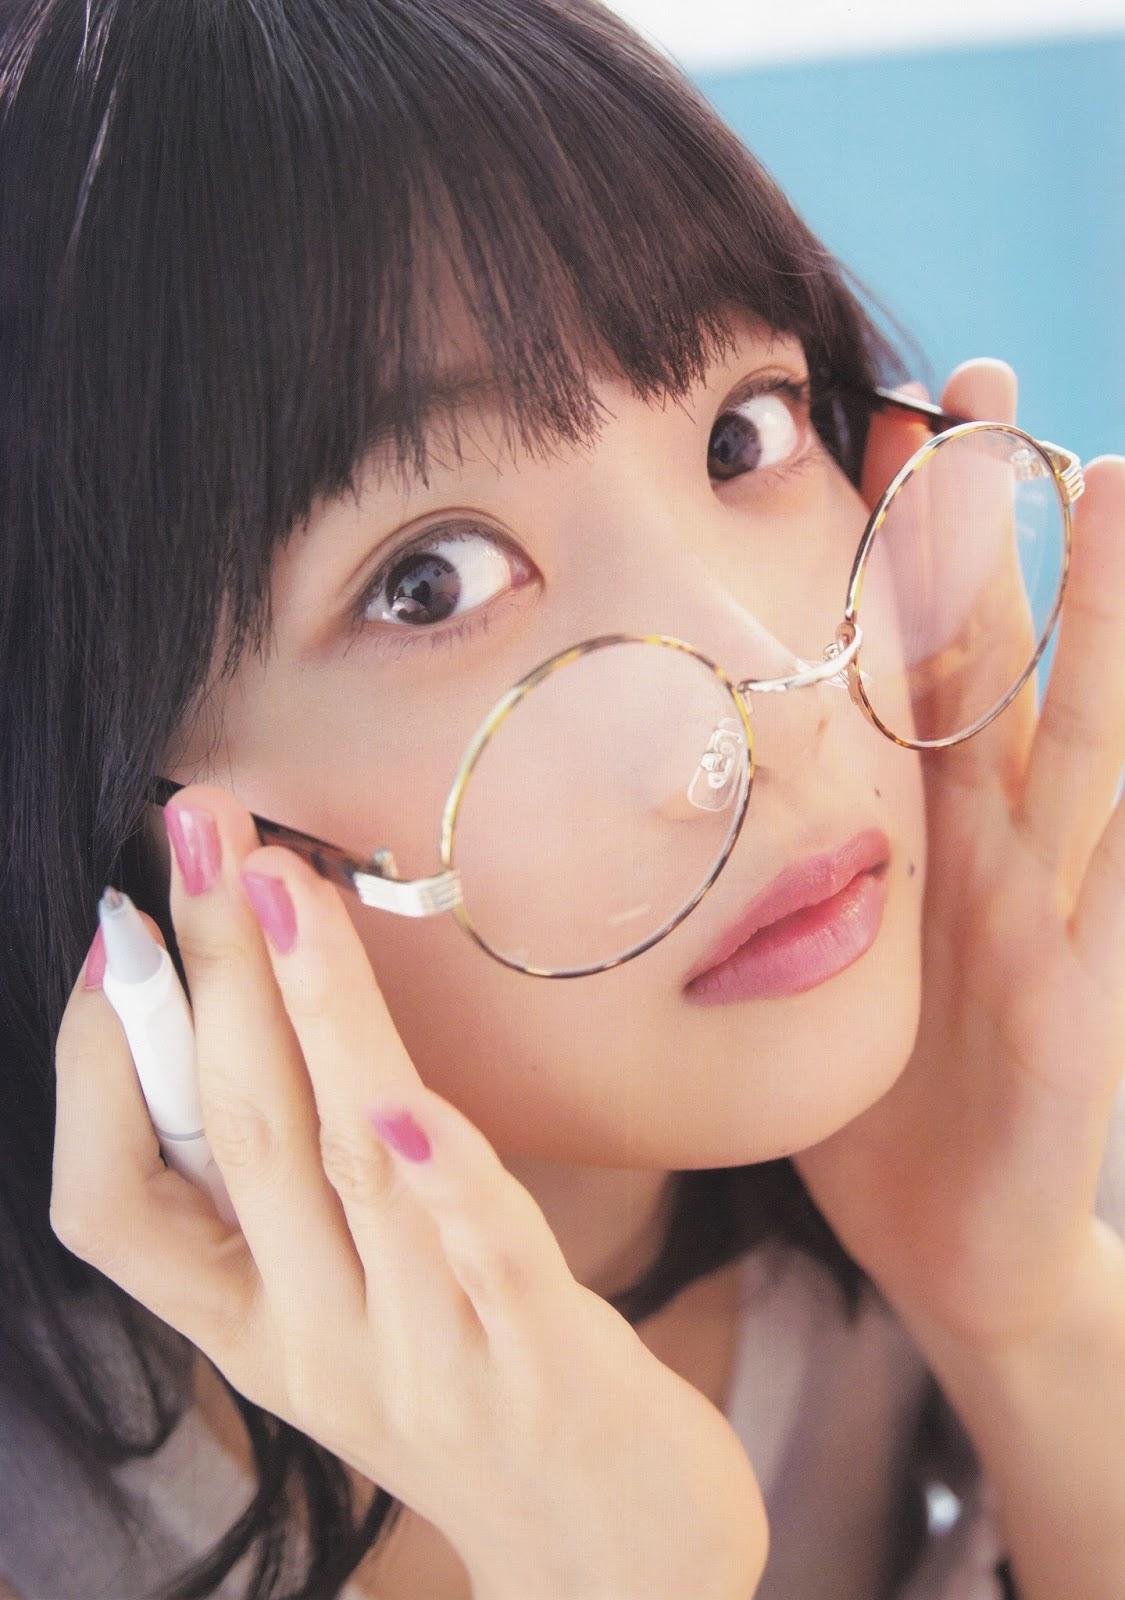 fukagawa girls Posts about fukagawa mai written by black gekikara menu about blog 百合 goggles yukirin is love yuri is life category archives: fukagawa mai  this time they even kick things up into.